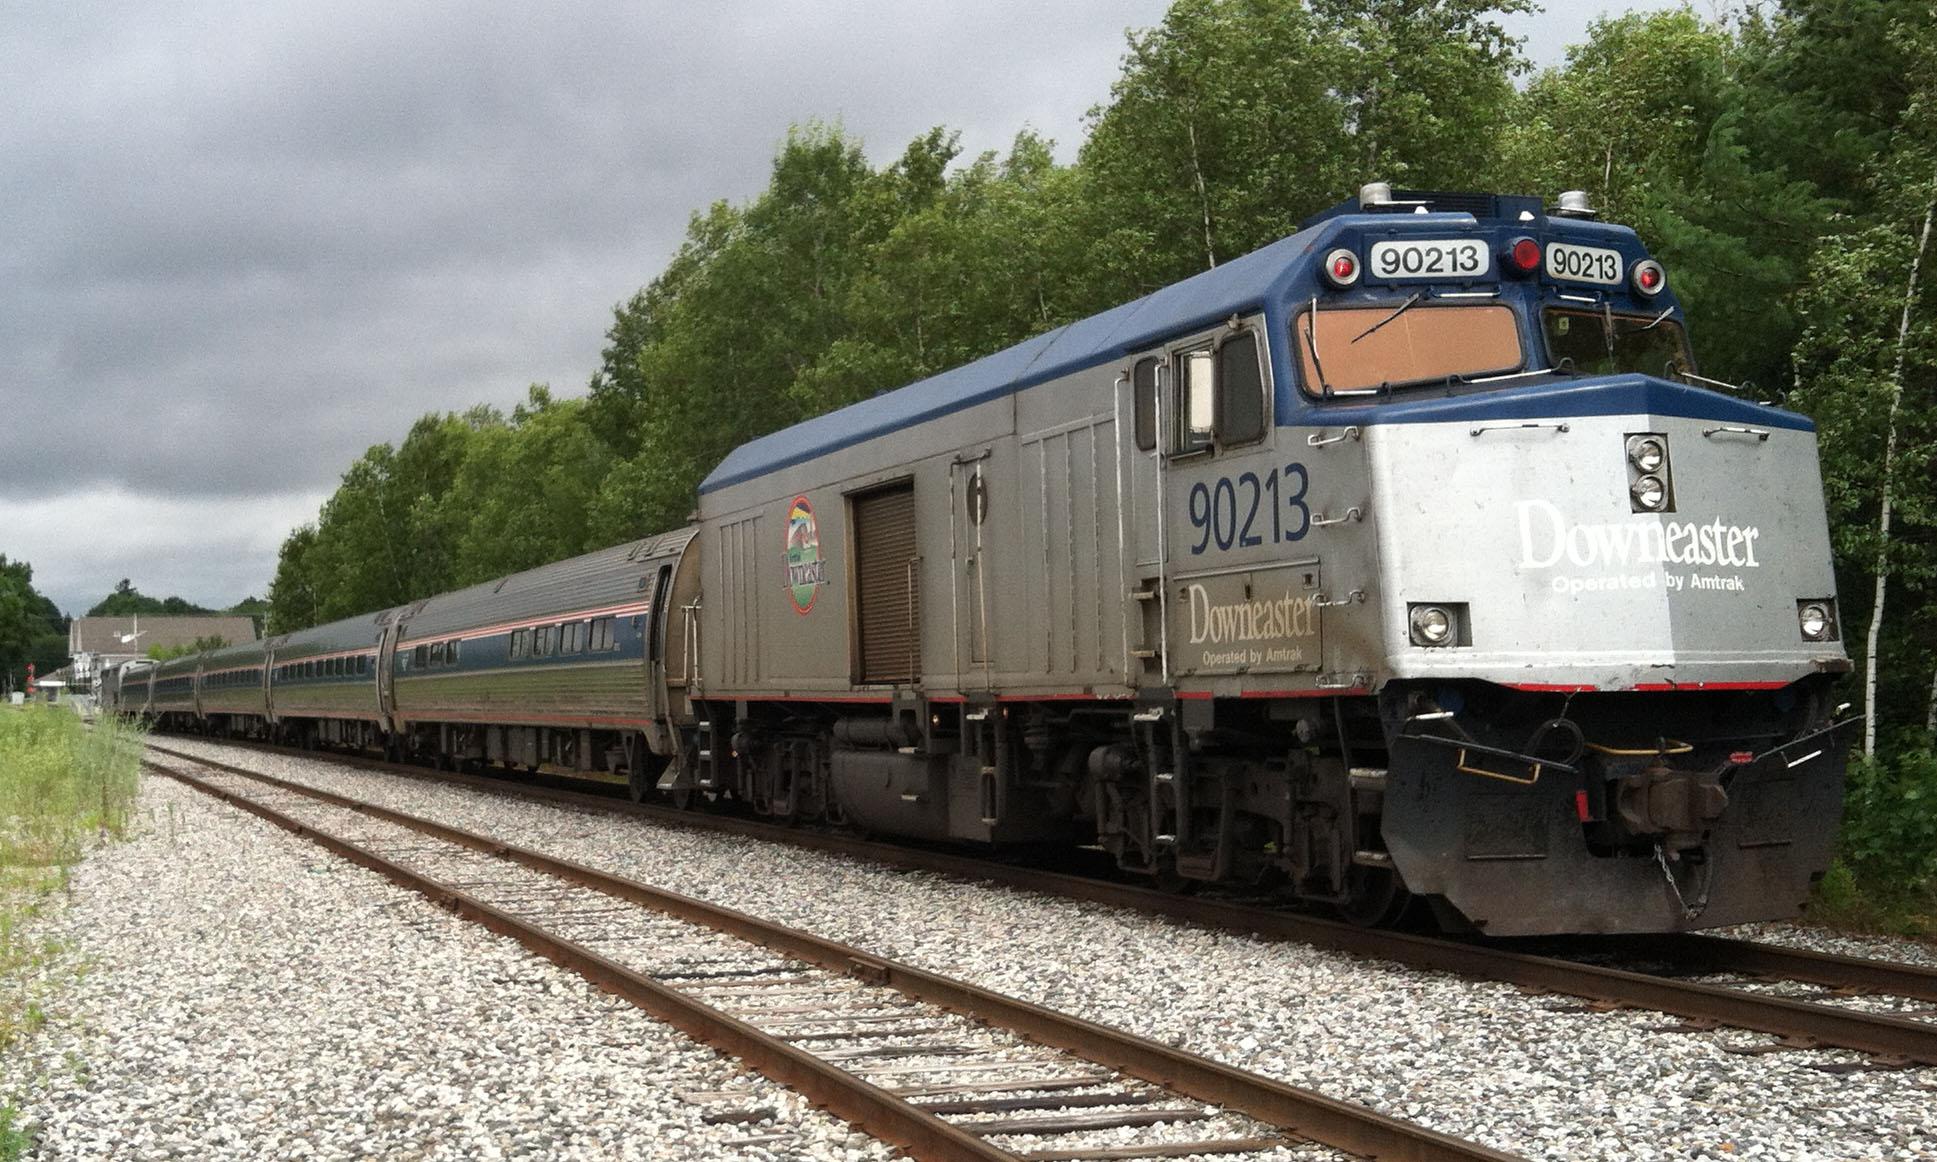 AmtrakDowneaster